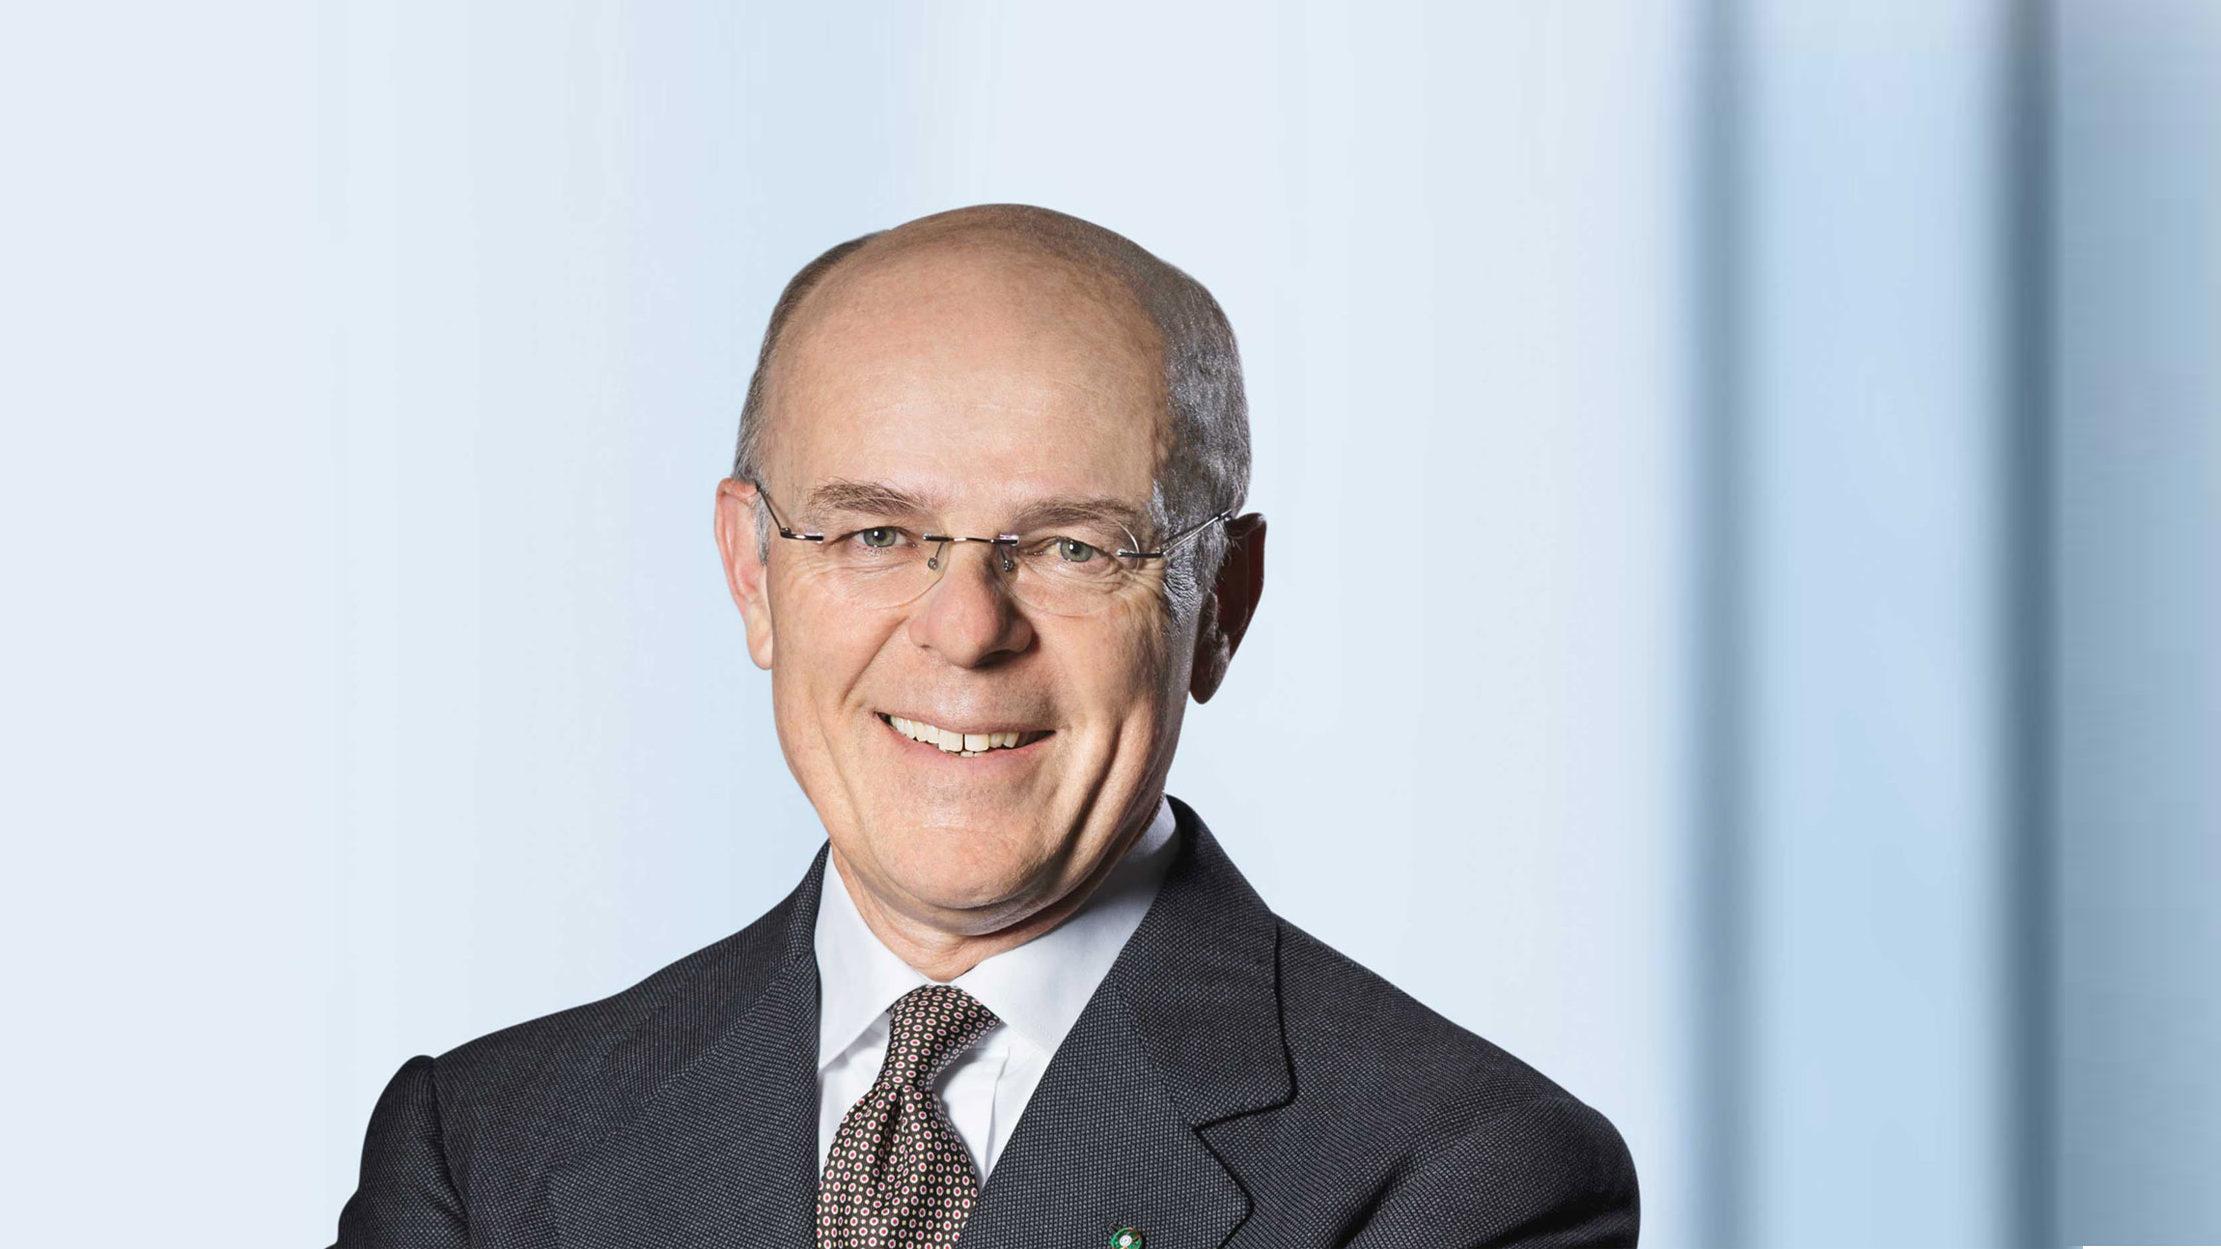 Zurich quer crescer 14% no lucro operacional até 2022